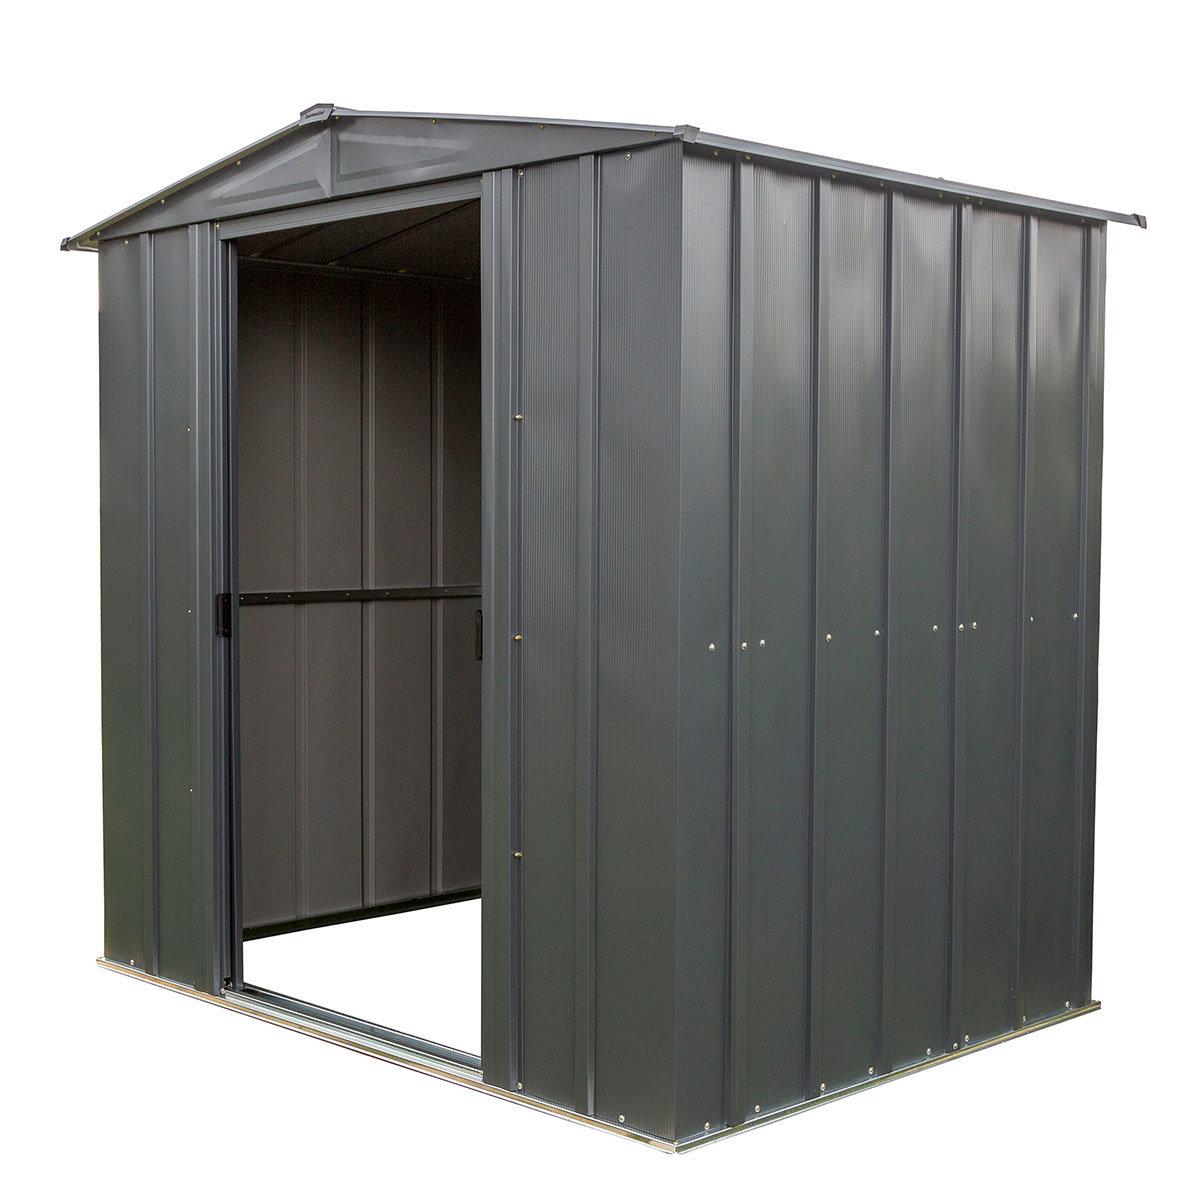 Metallgerätehaus, rostfrei, verzinkter Stahl, ca. 151 x 190 x 194 cm   #8